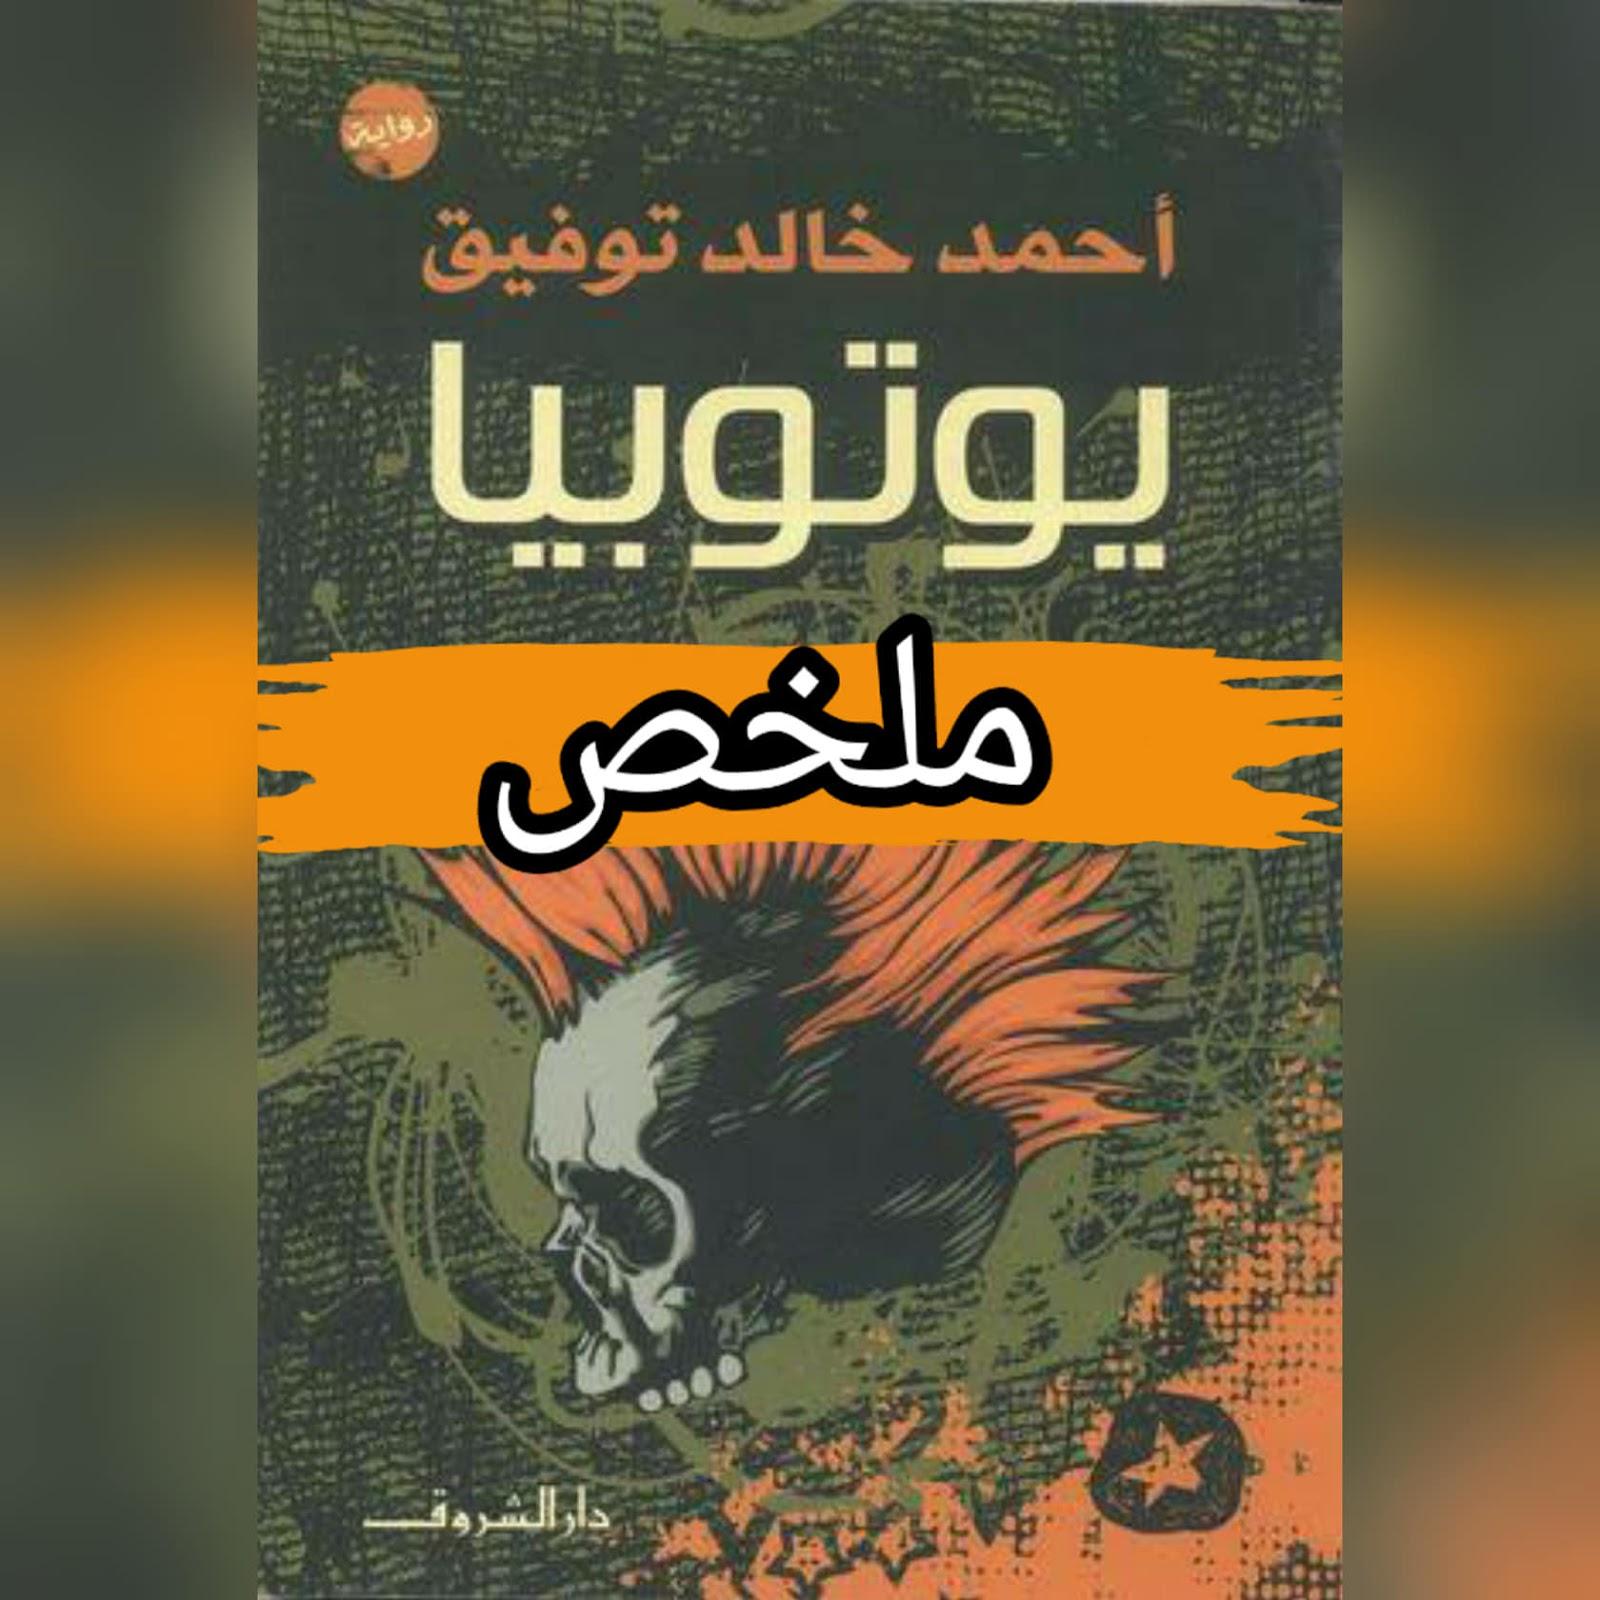 ملخص رواية يوتوبيا | أحمد خالد توفيق